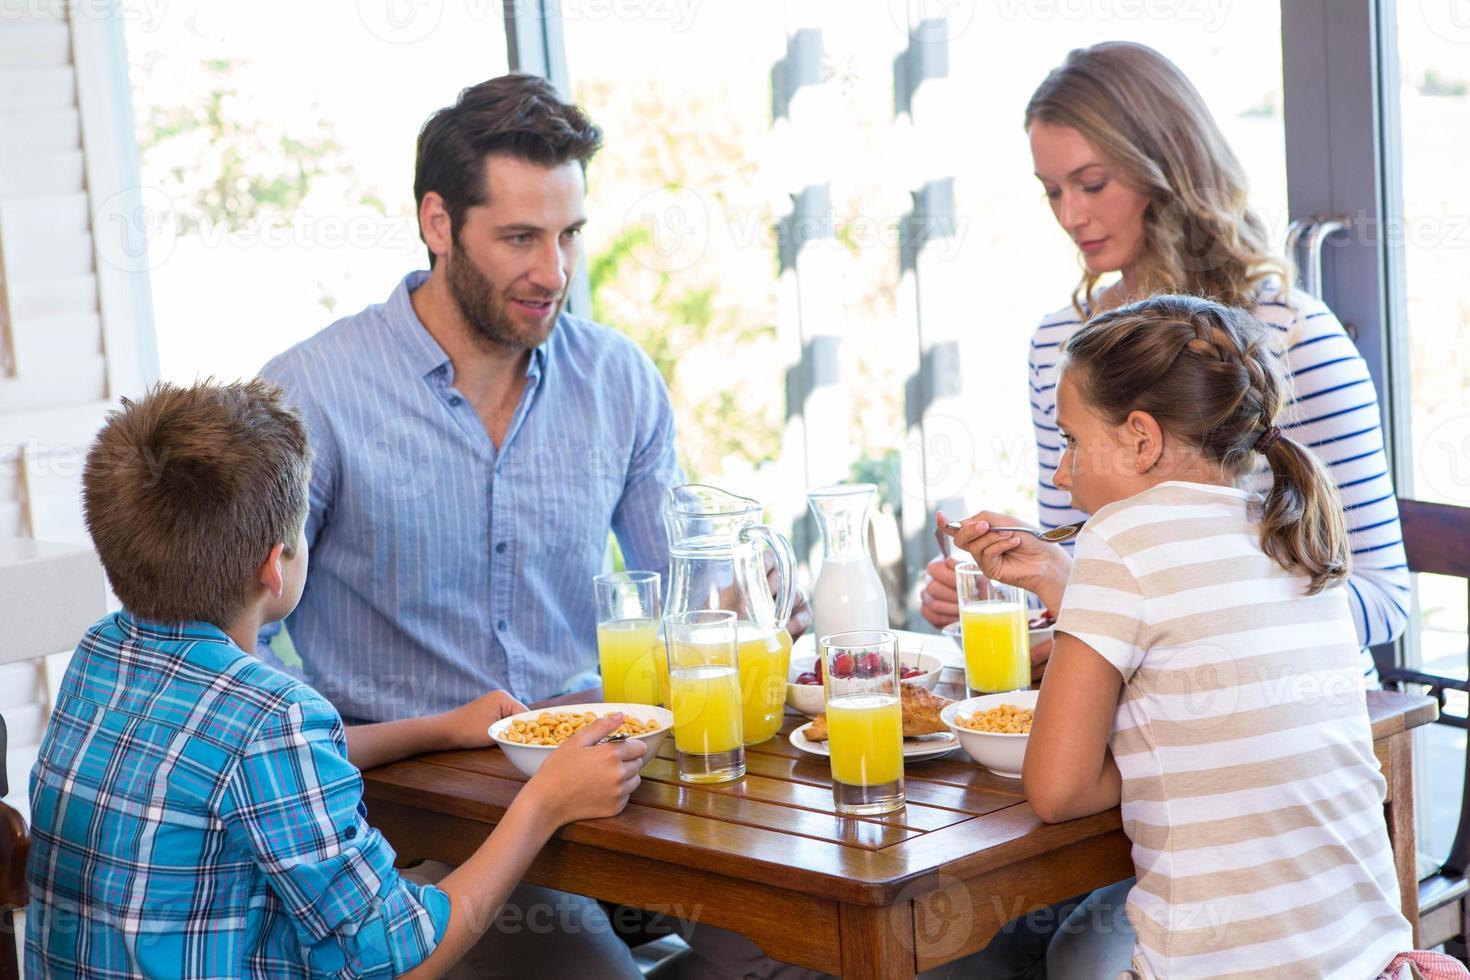 familia feliz desayunando juntos foto